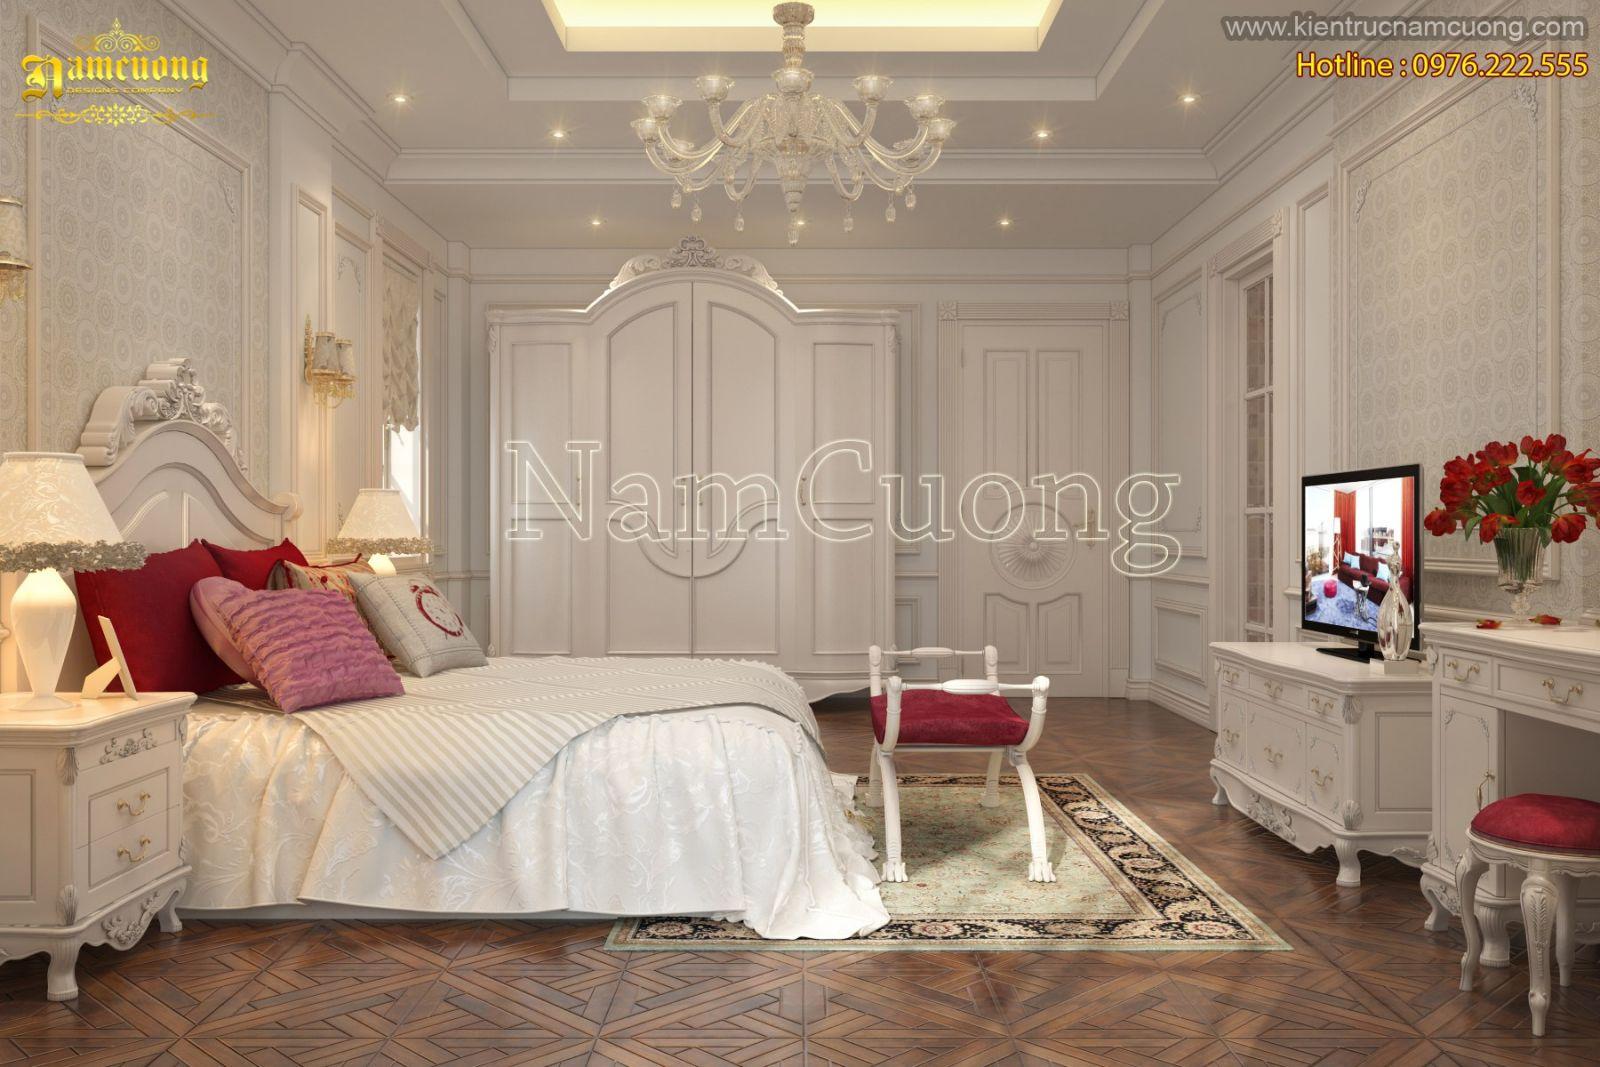 Thi công nội thất cho mẫu biệt thự kiểu châu âu sang trọng